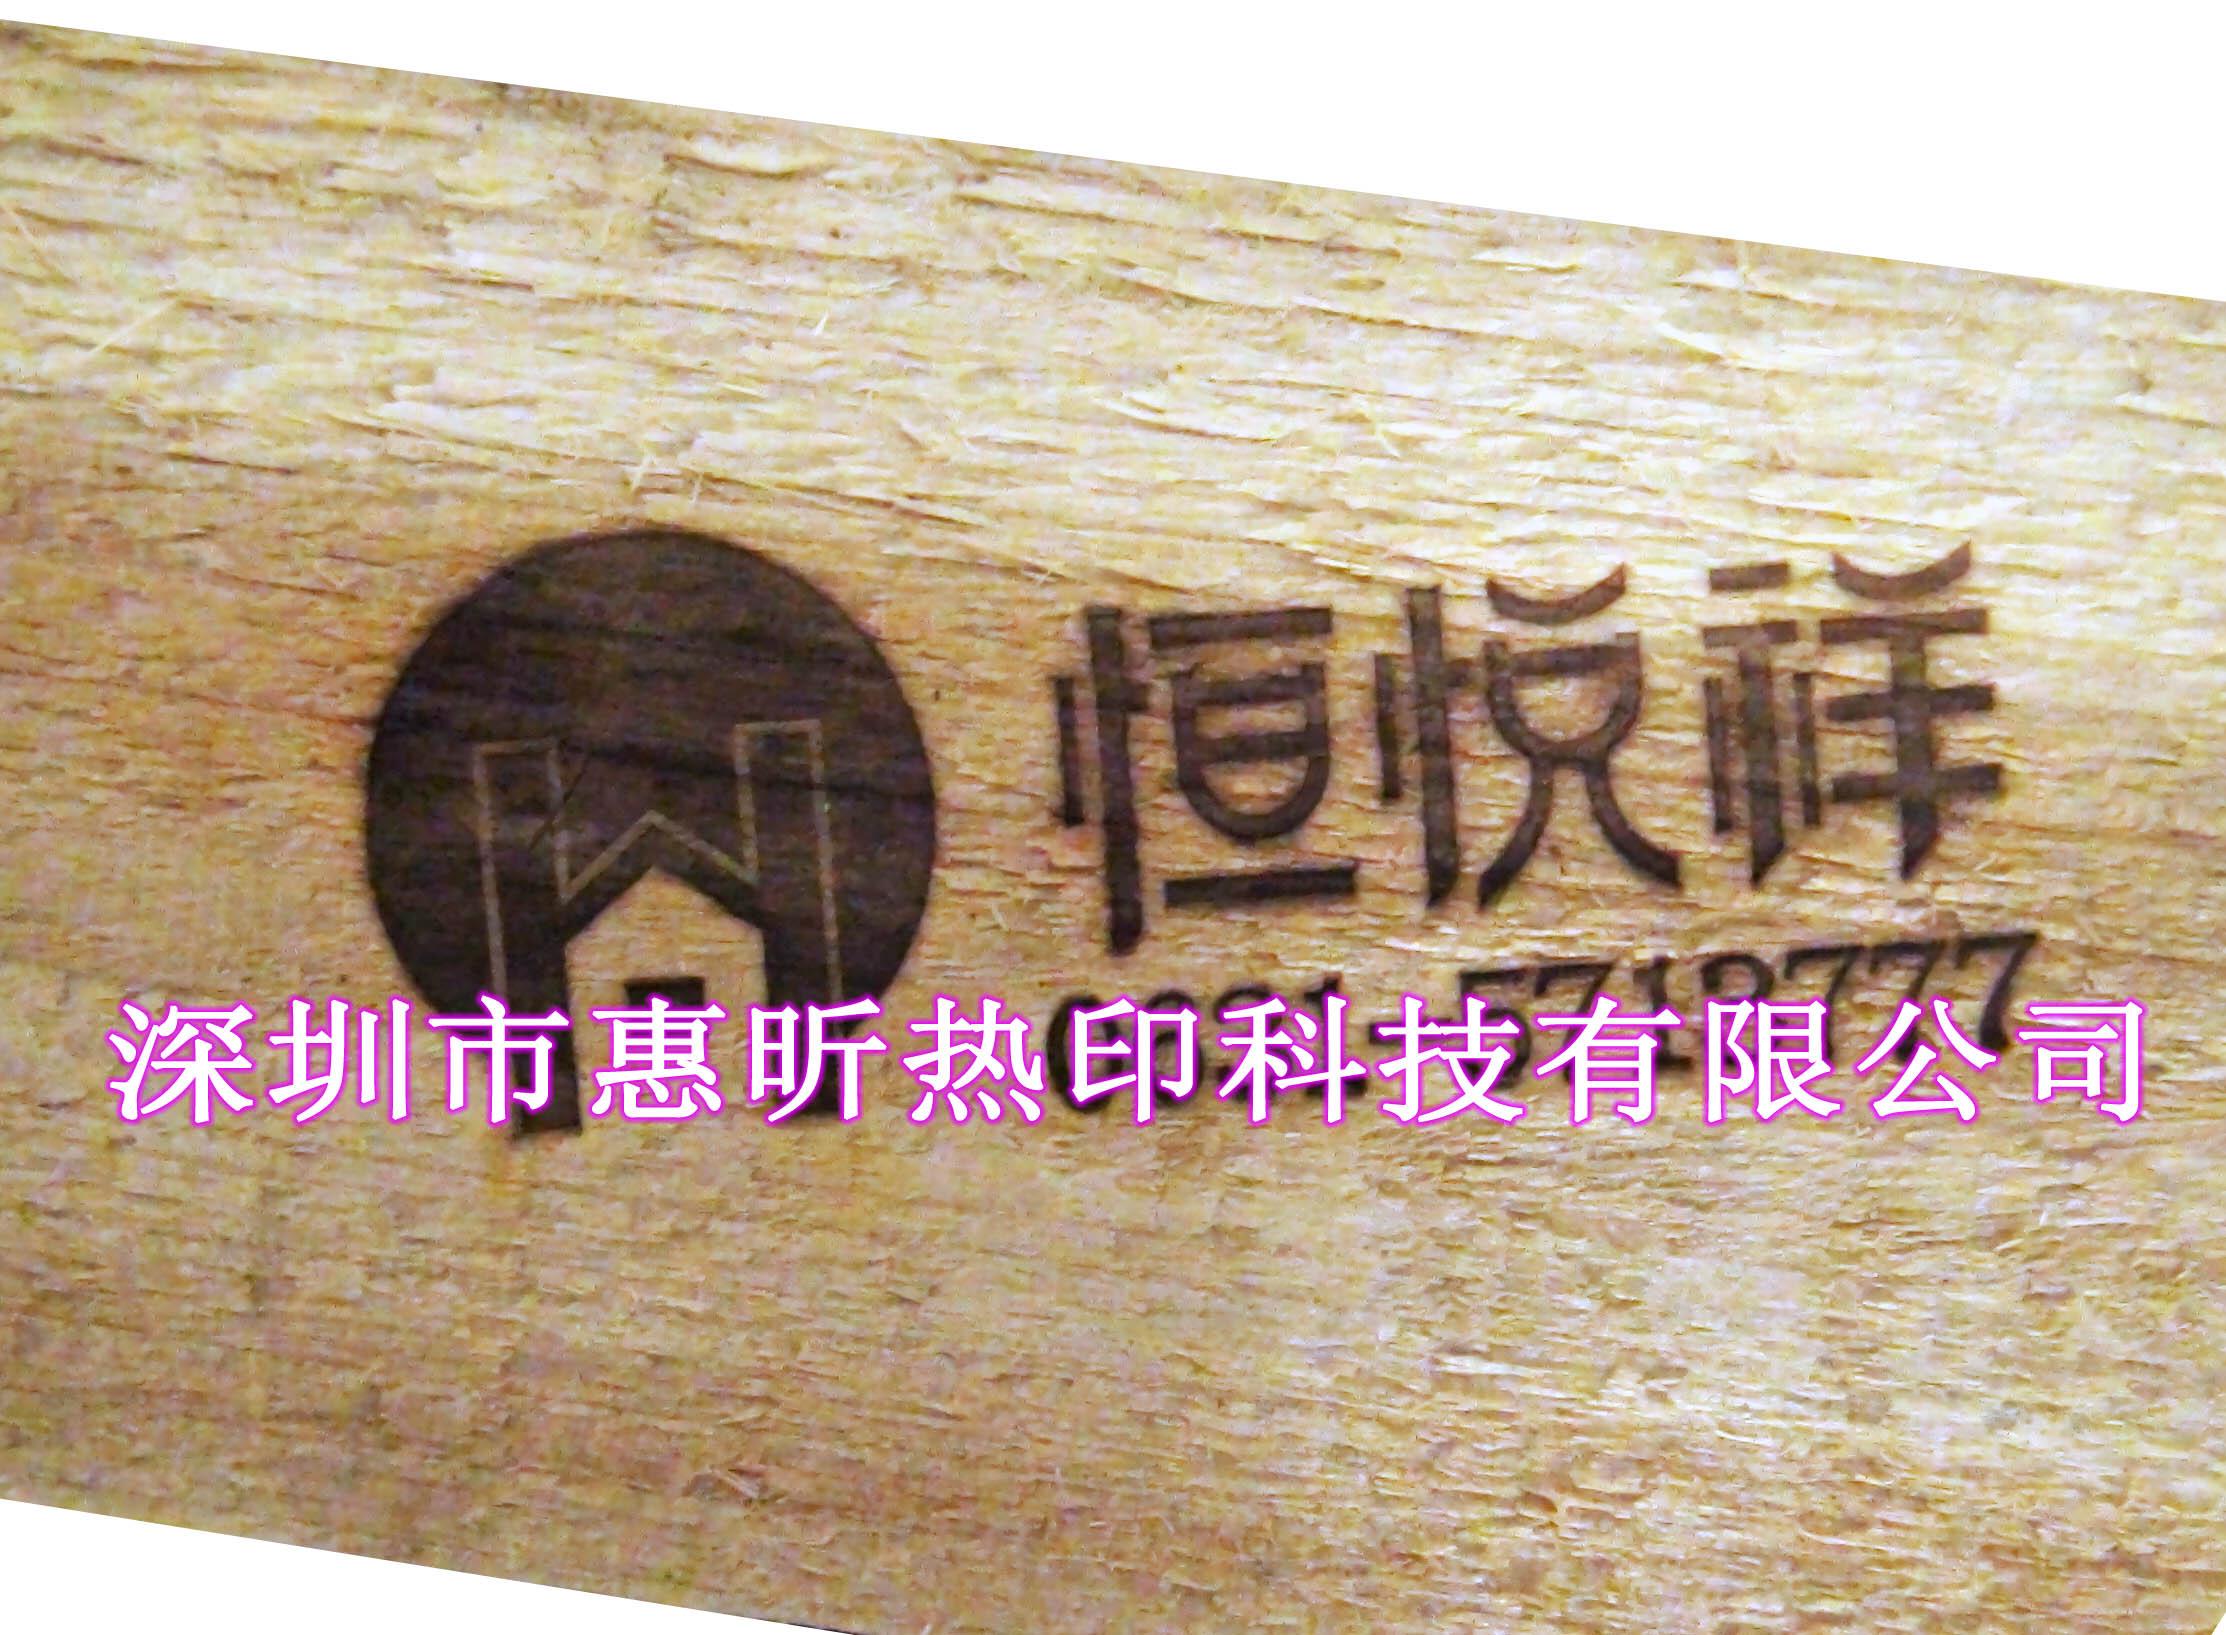 木头烫画图案大全